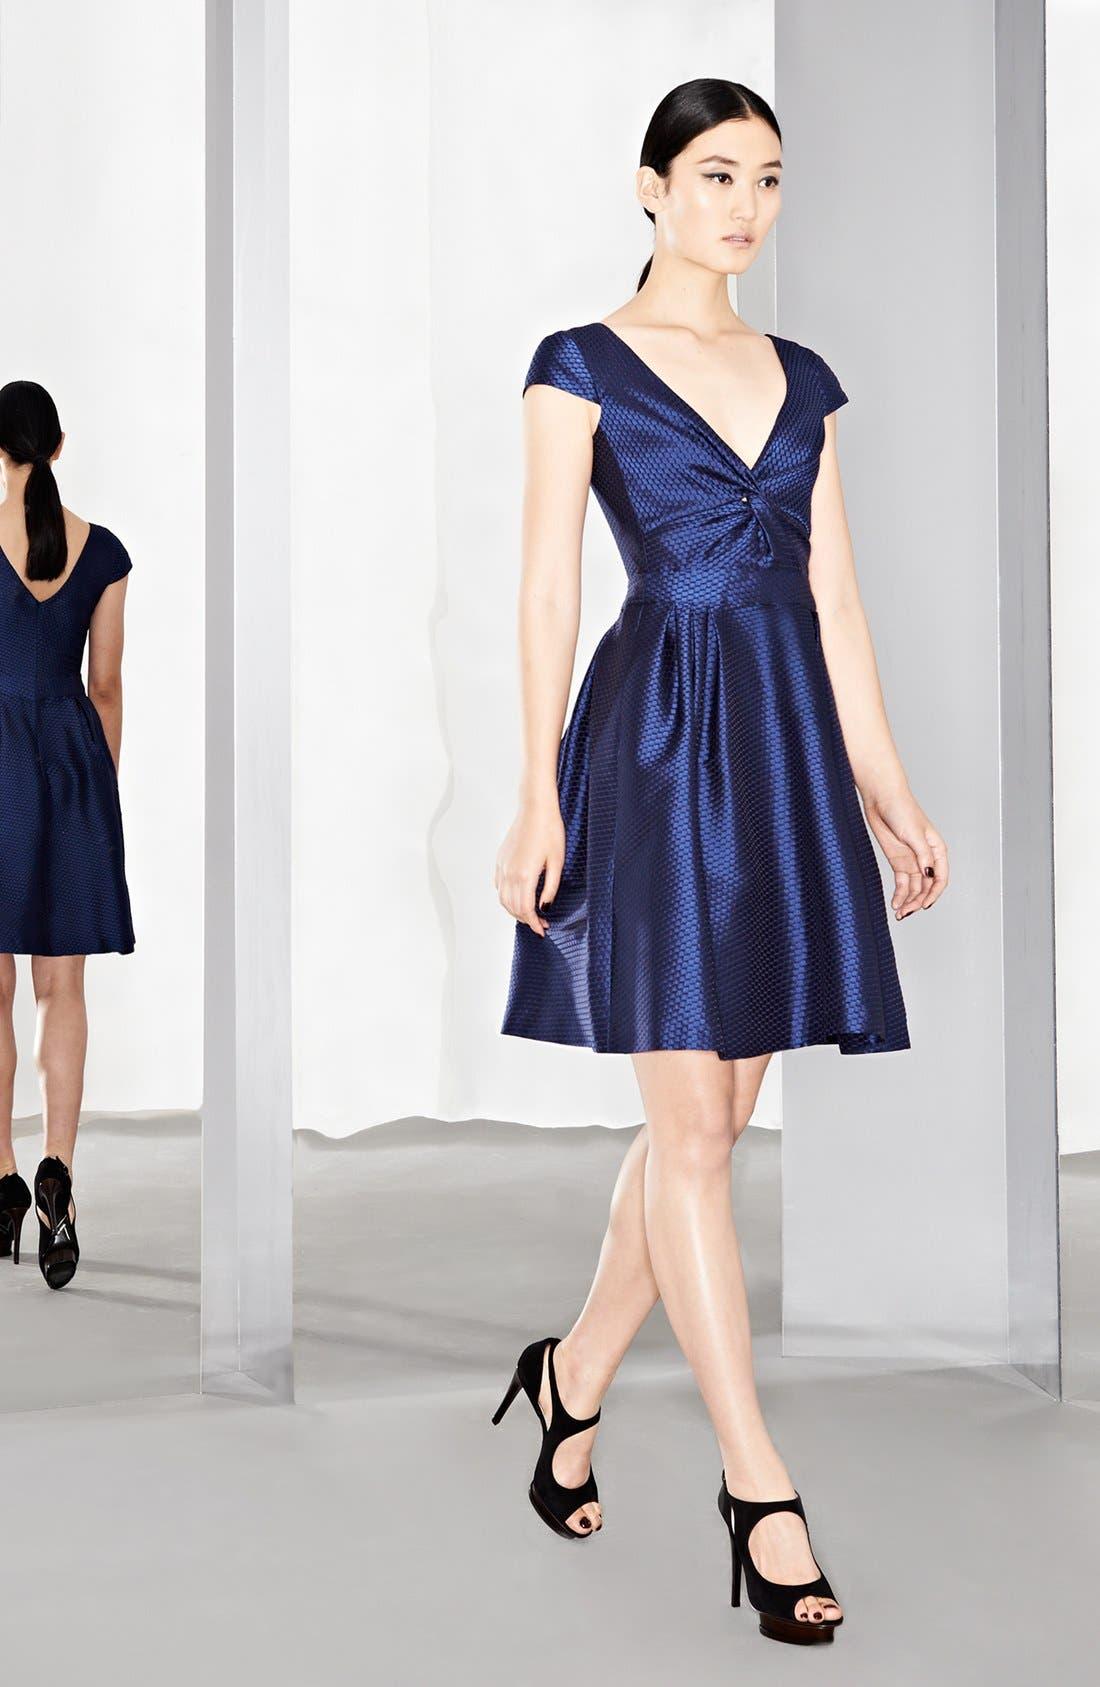 Main Image - Armani Collezioni Dress & Accessories